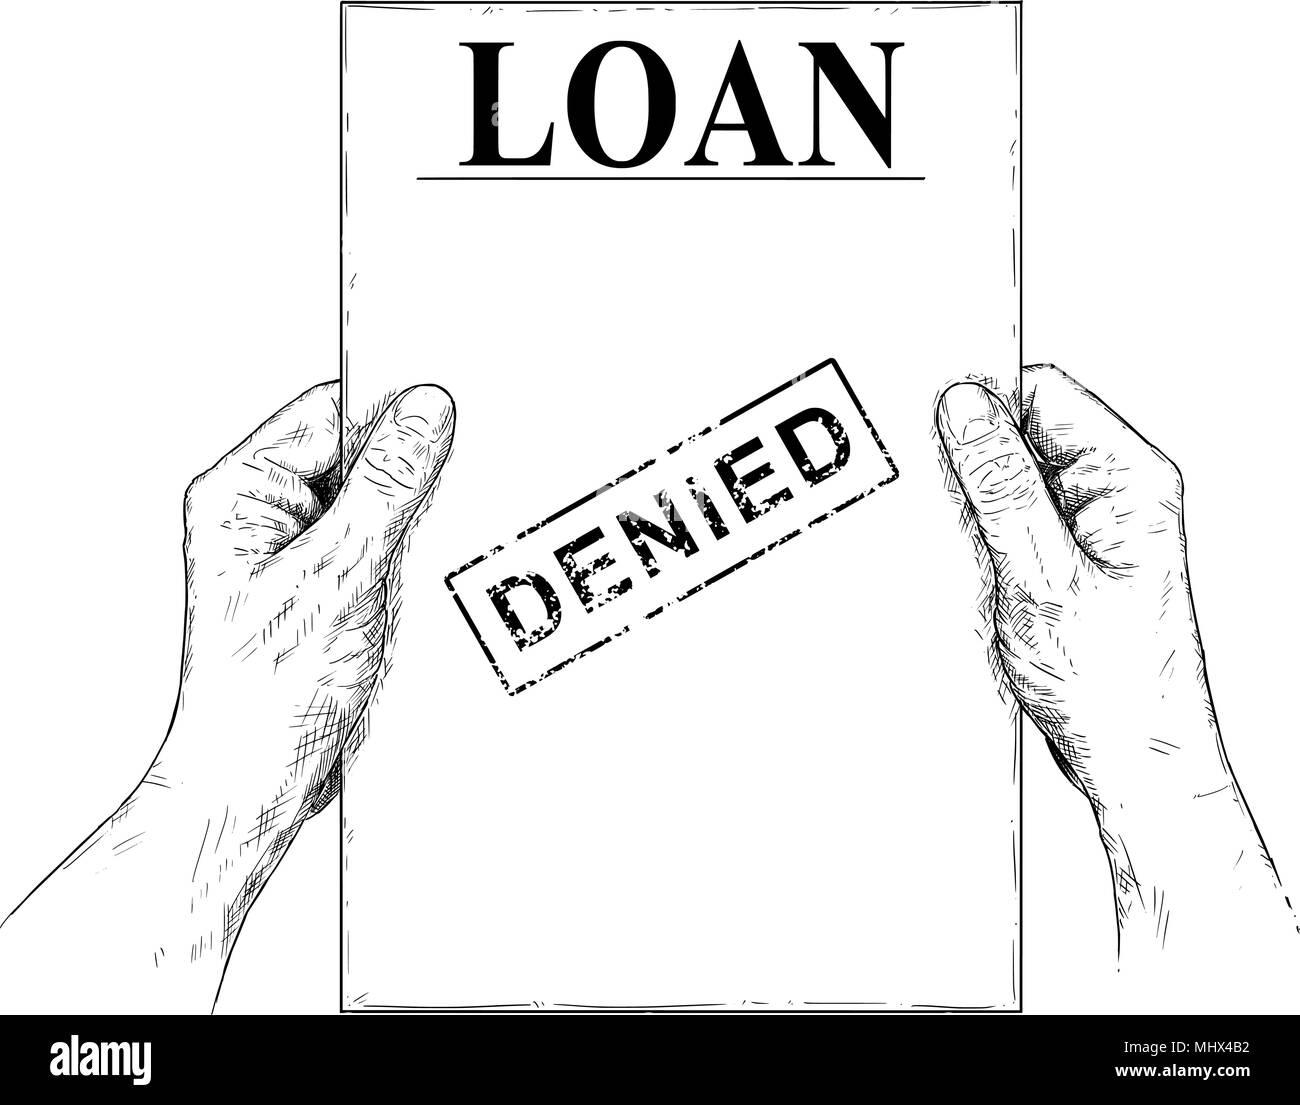 Vector illustration artistique ou un dessin de mains tenant le document de demande de prêt refusée Photo Stock